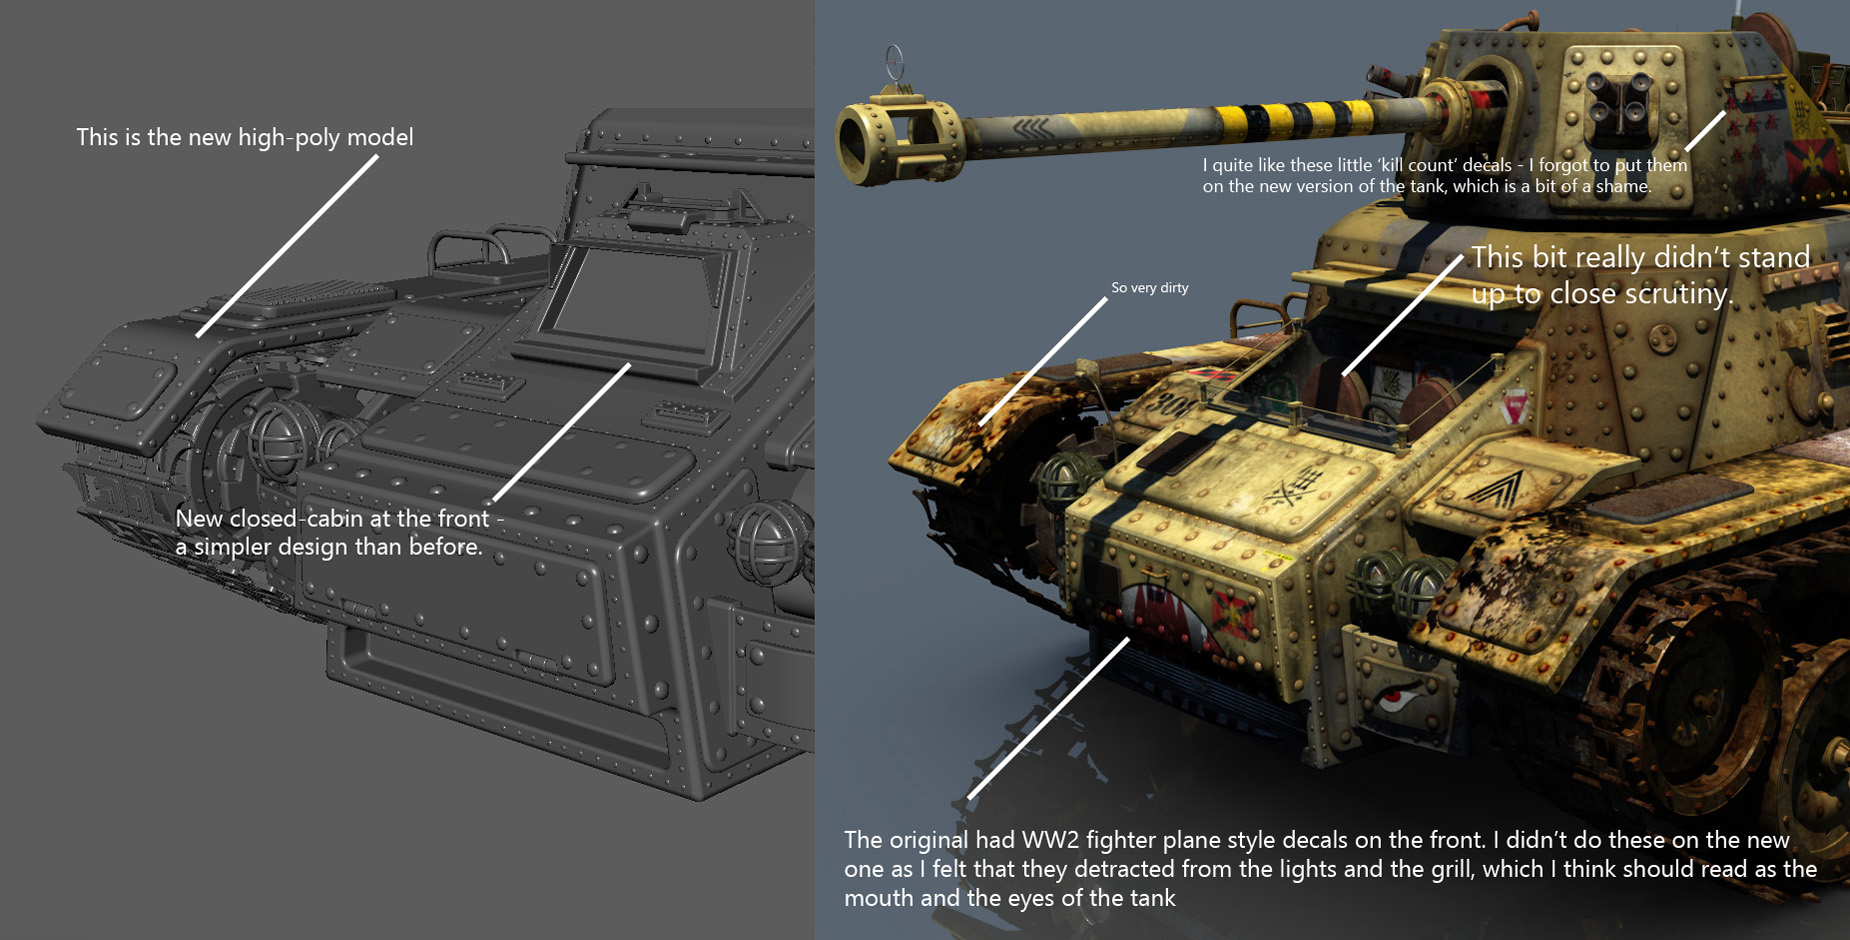 Sketchfab Community Blog - Art Spotlight: Tank